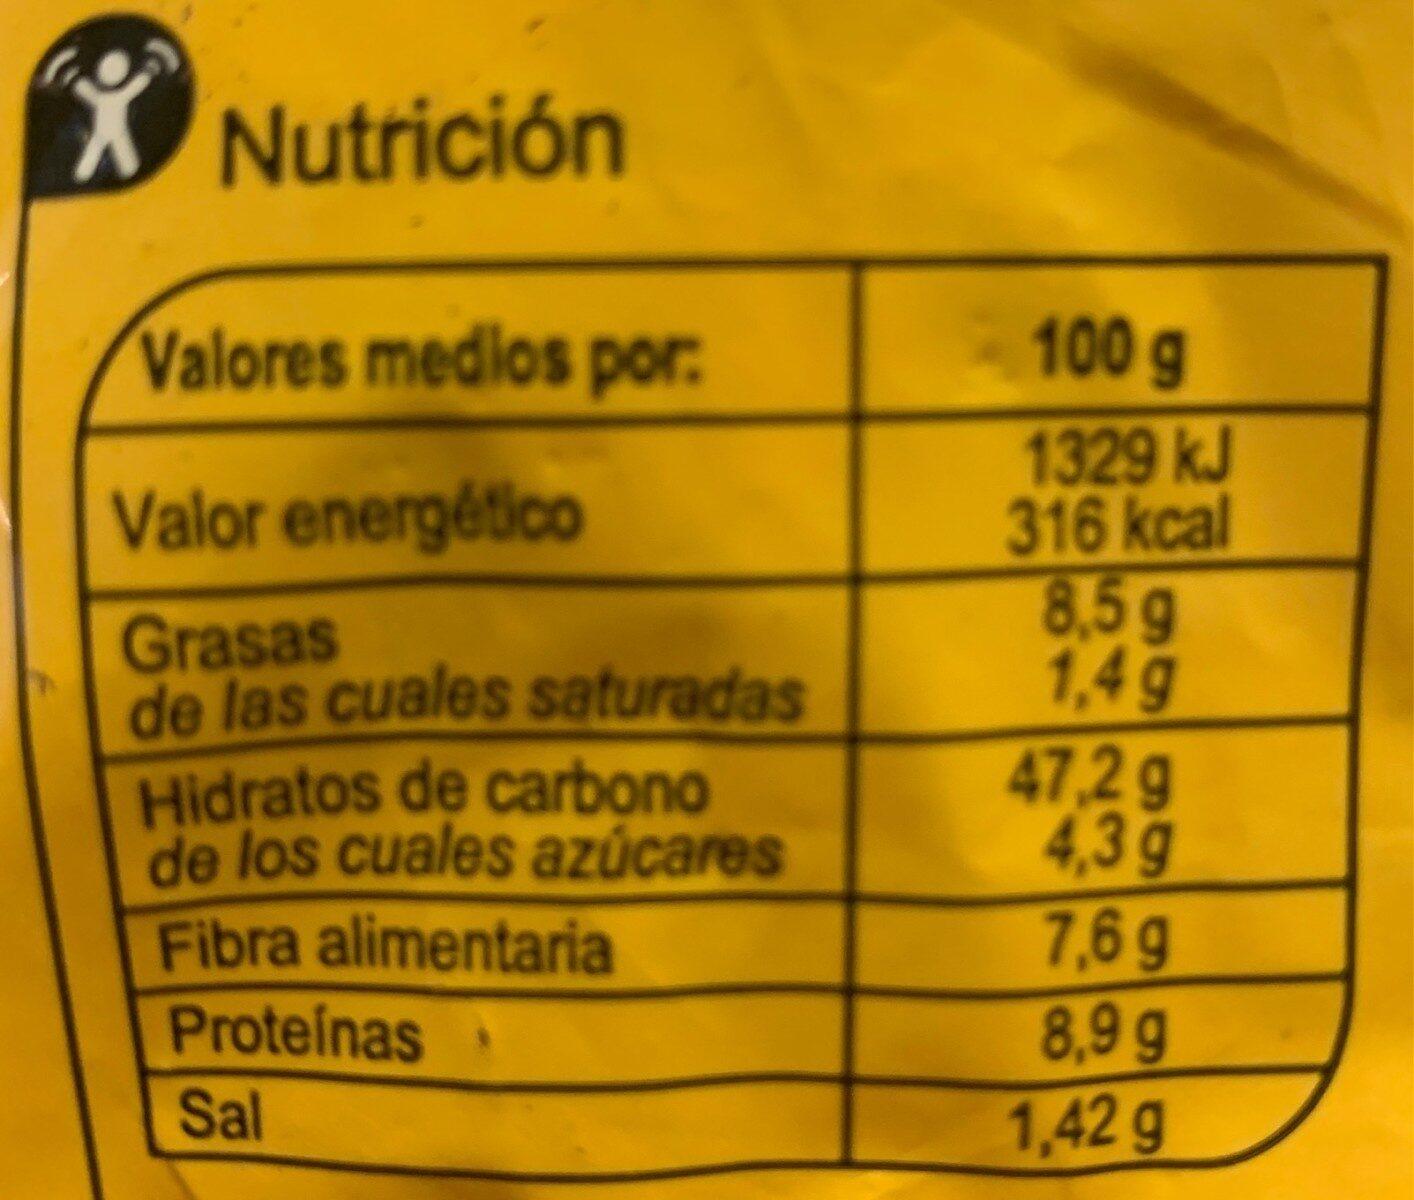 Hogaza de pan harina maiz c/pipa calabaza y girasol - Información nutricional - es